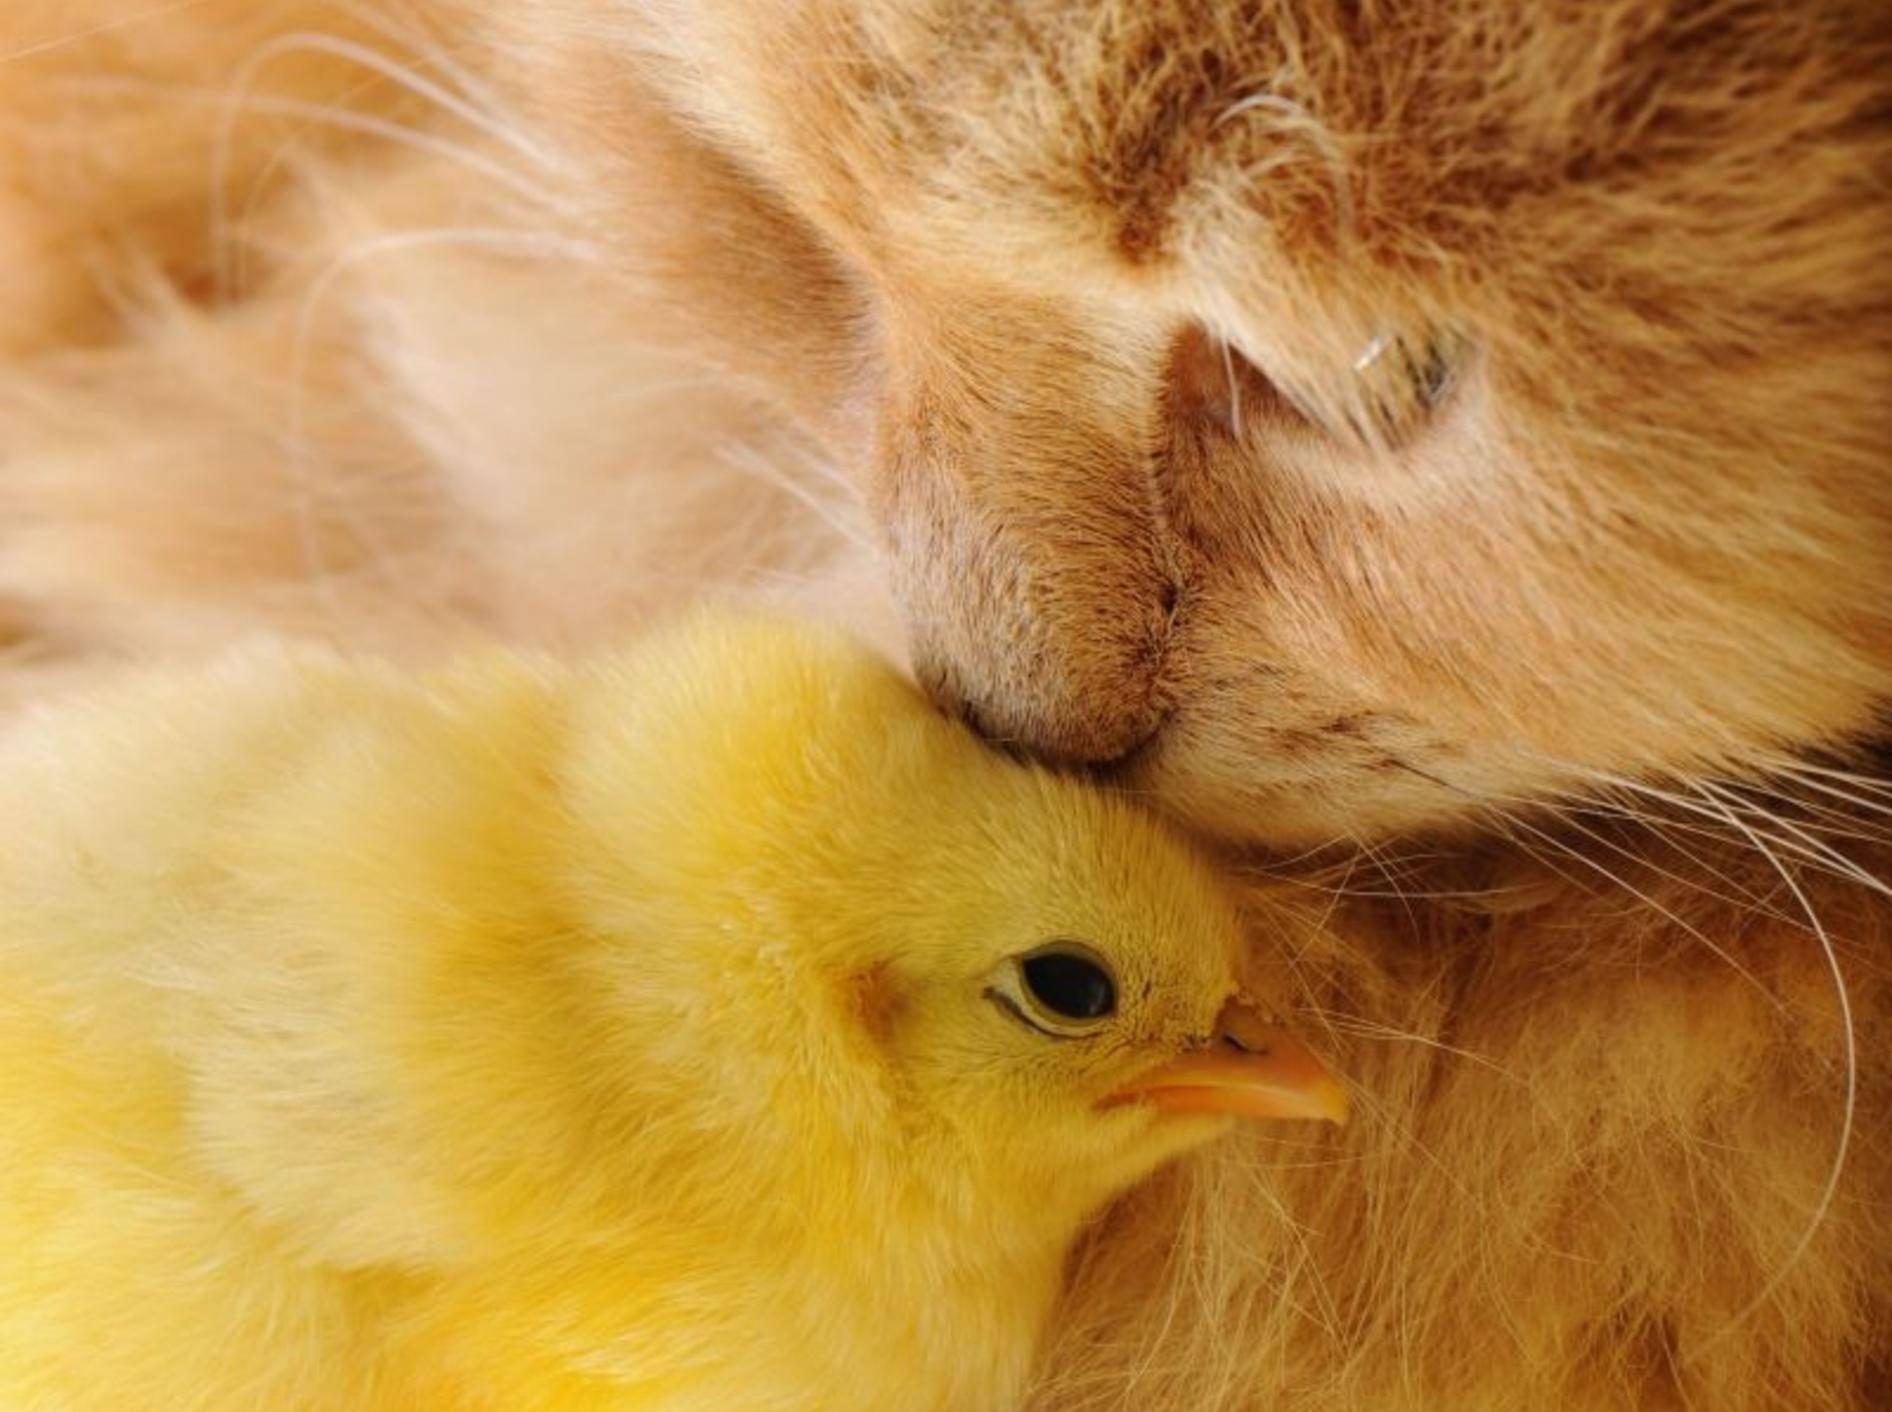 Bussi aufs Köpfchen! Freundschaft zwischen Küken und Katze — Bild: Shutterstock / Vinogradov Illya